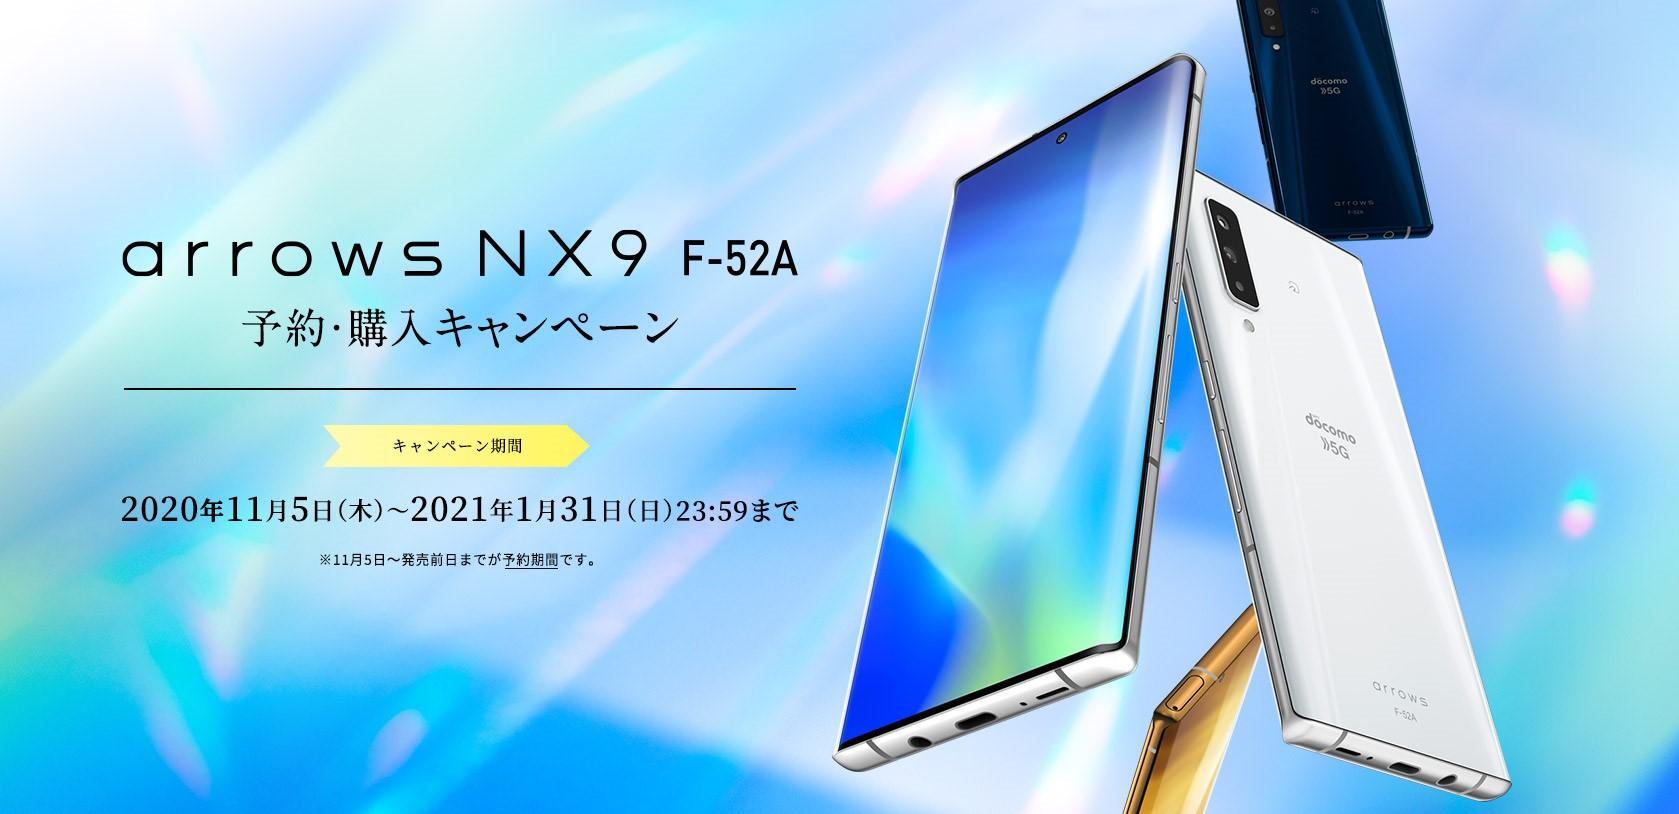 arrowsNX9キャンペーン